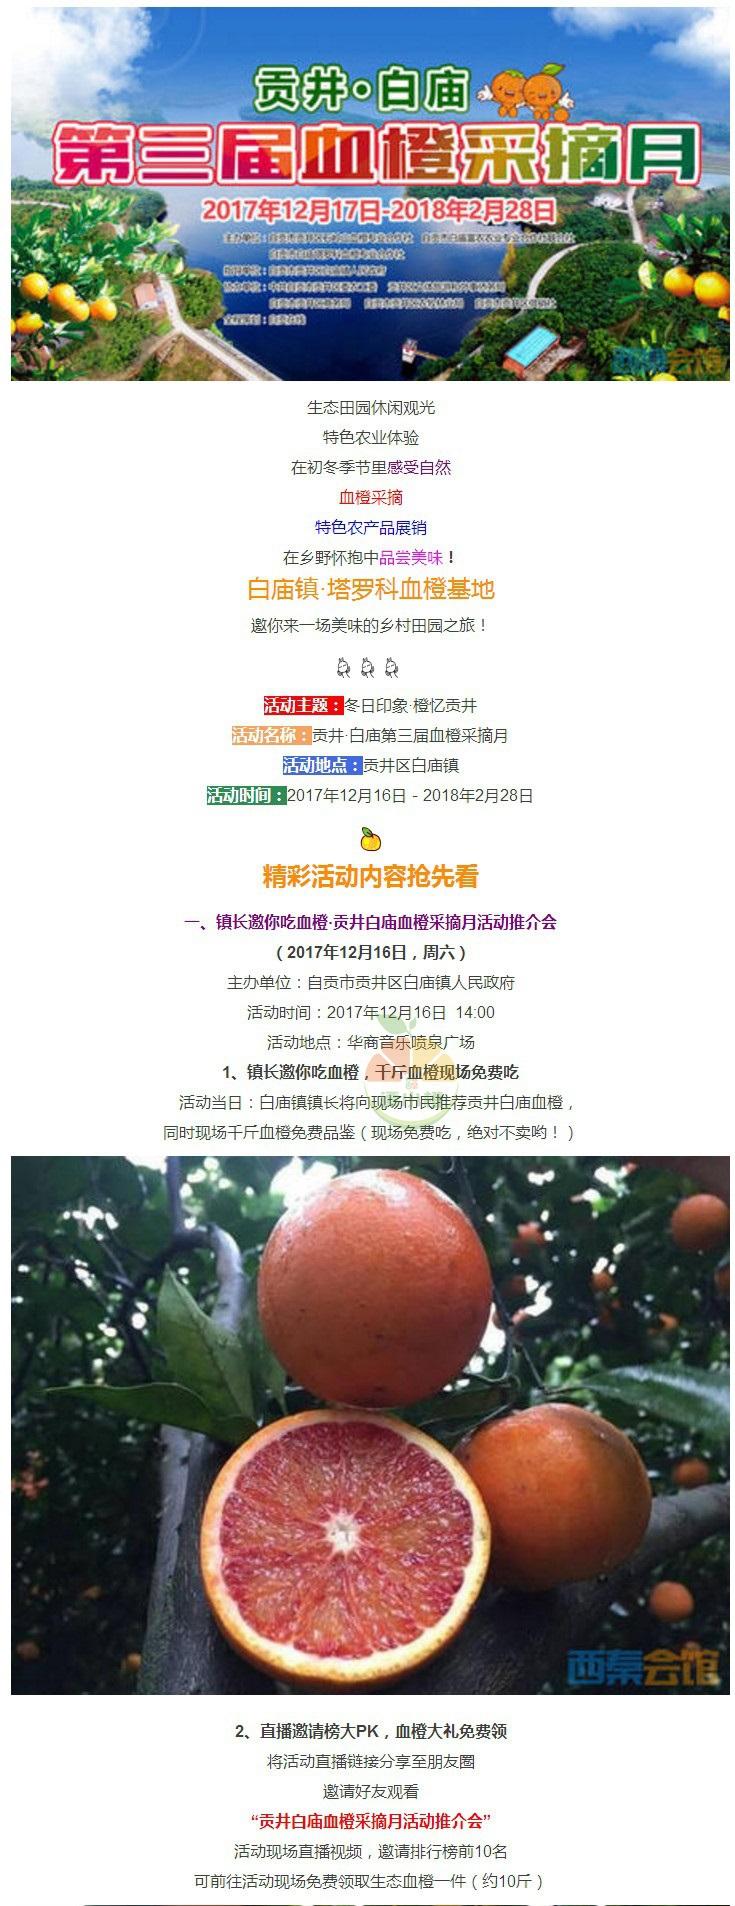 自贡白庙镇第三届血橙采摘节